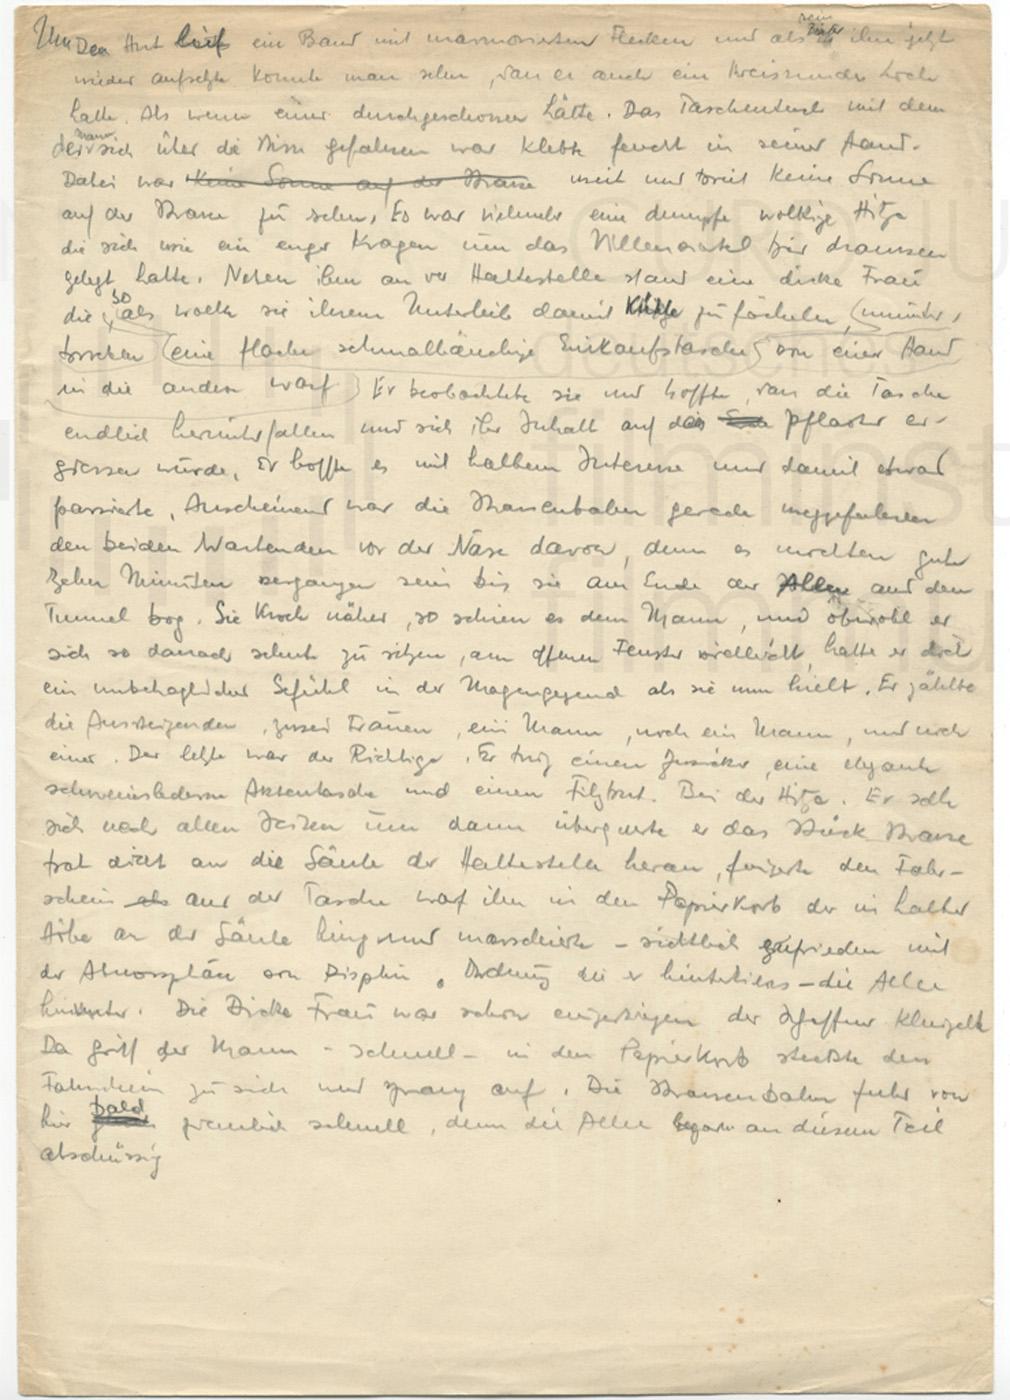 Fragmente zu einer Novelle, ca. 1940er Jahre